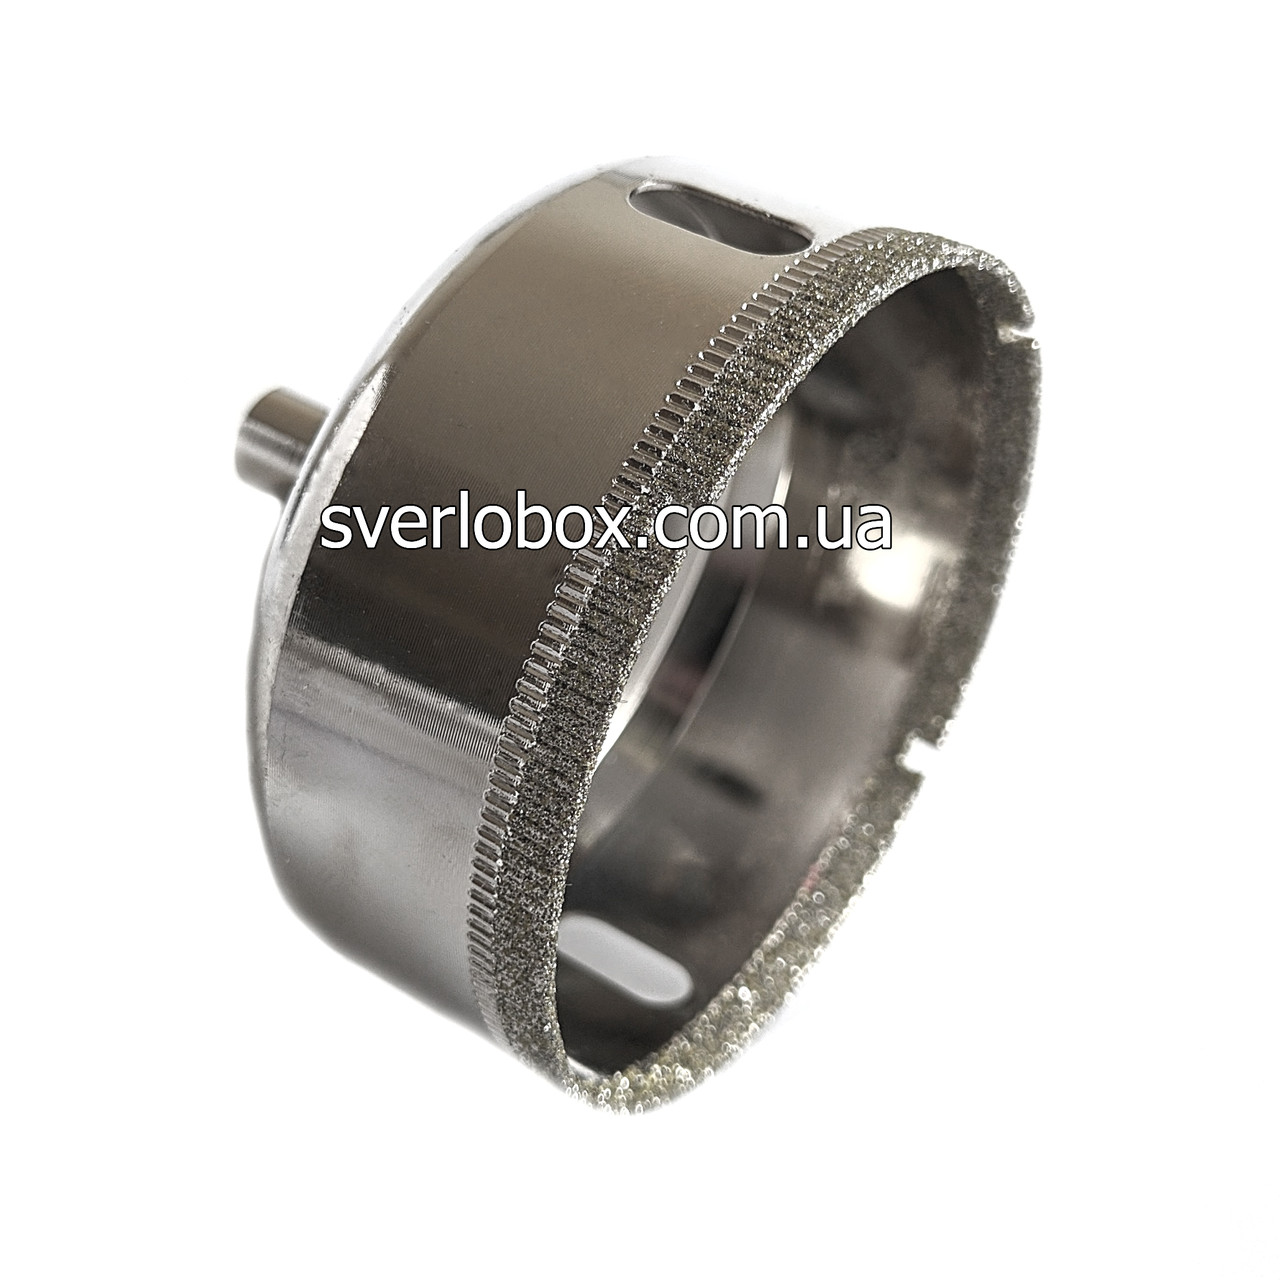 Алмазна Коронка по плитці і склу 85 мм, Коронка 85 мм з алмазним напиленням по склу та кераміці